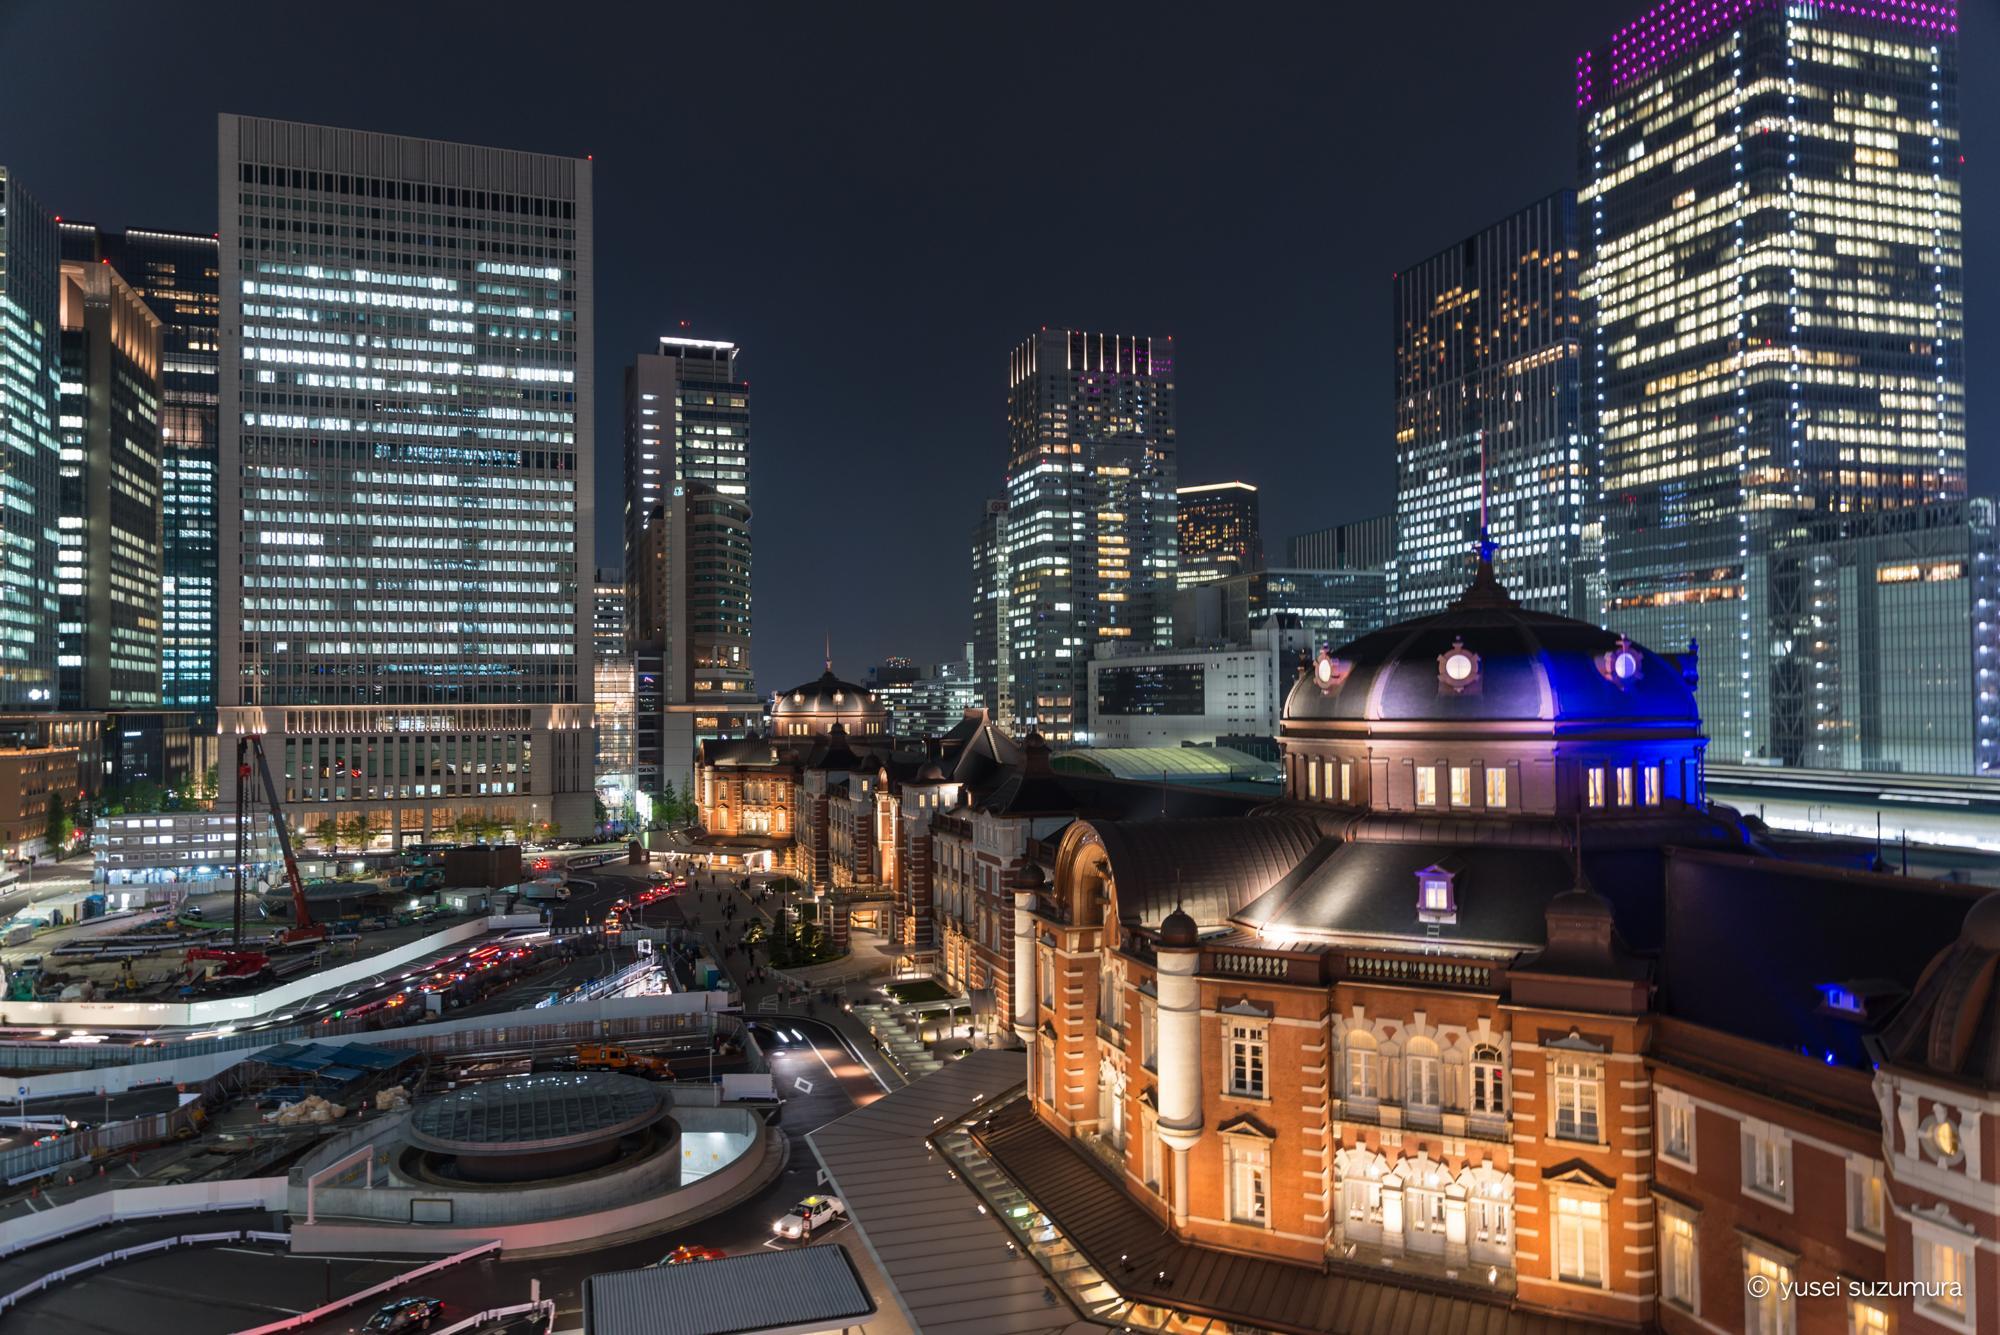 東京駅 夜景 D610